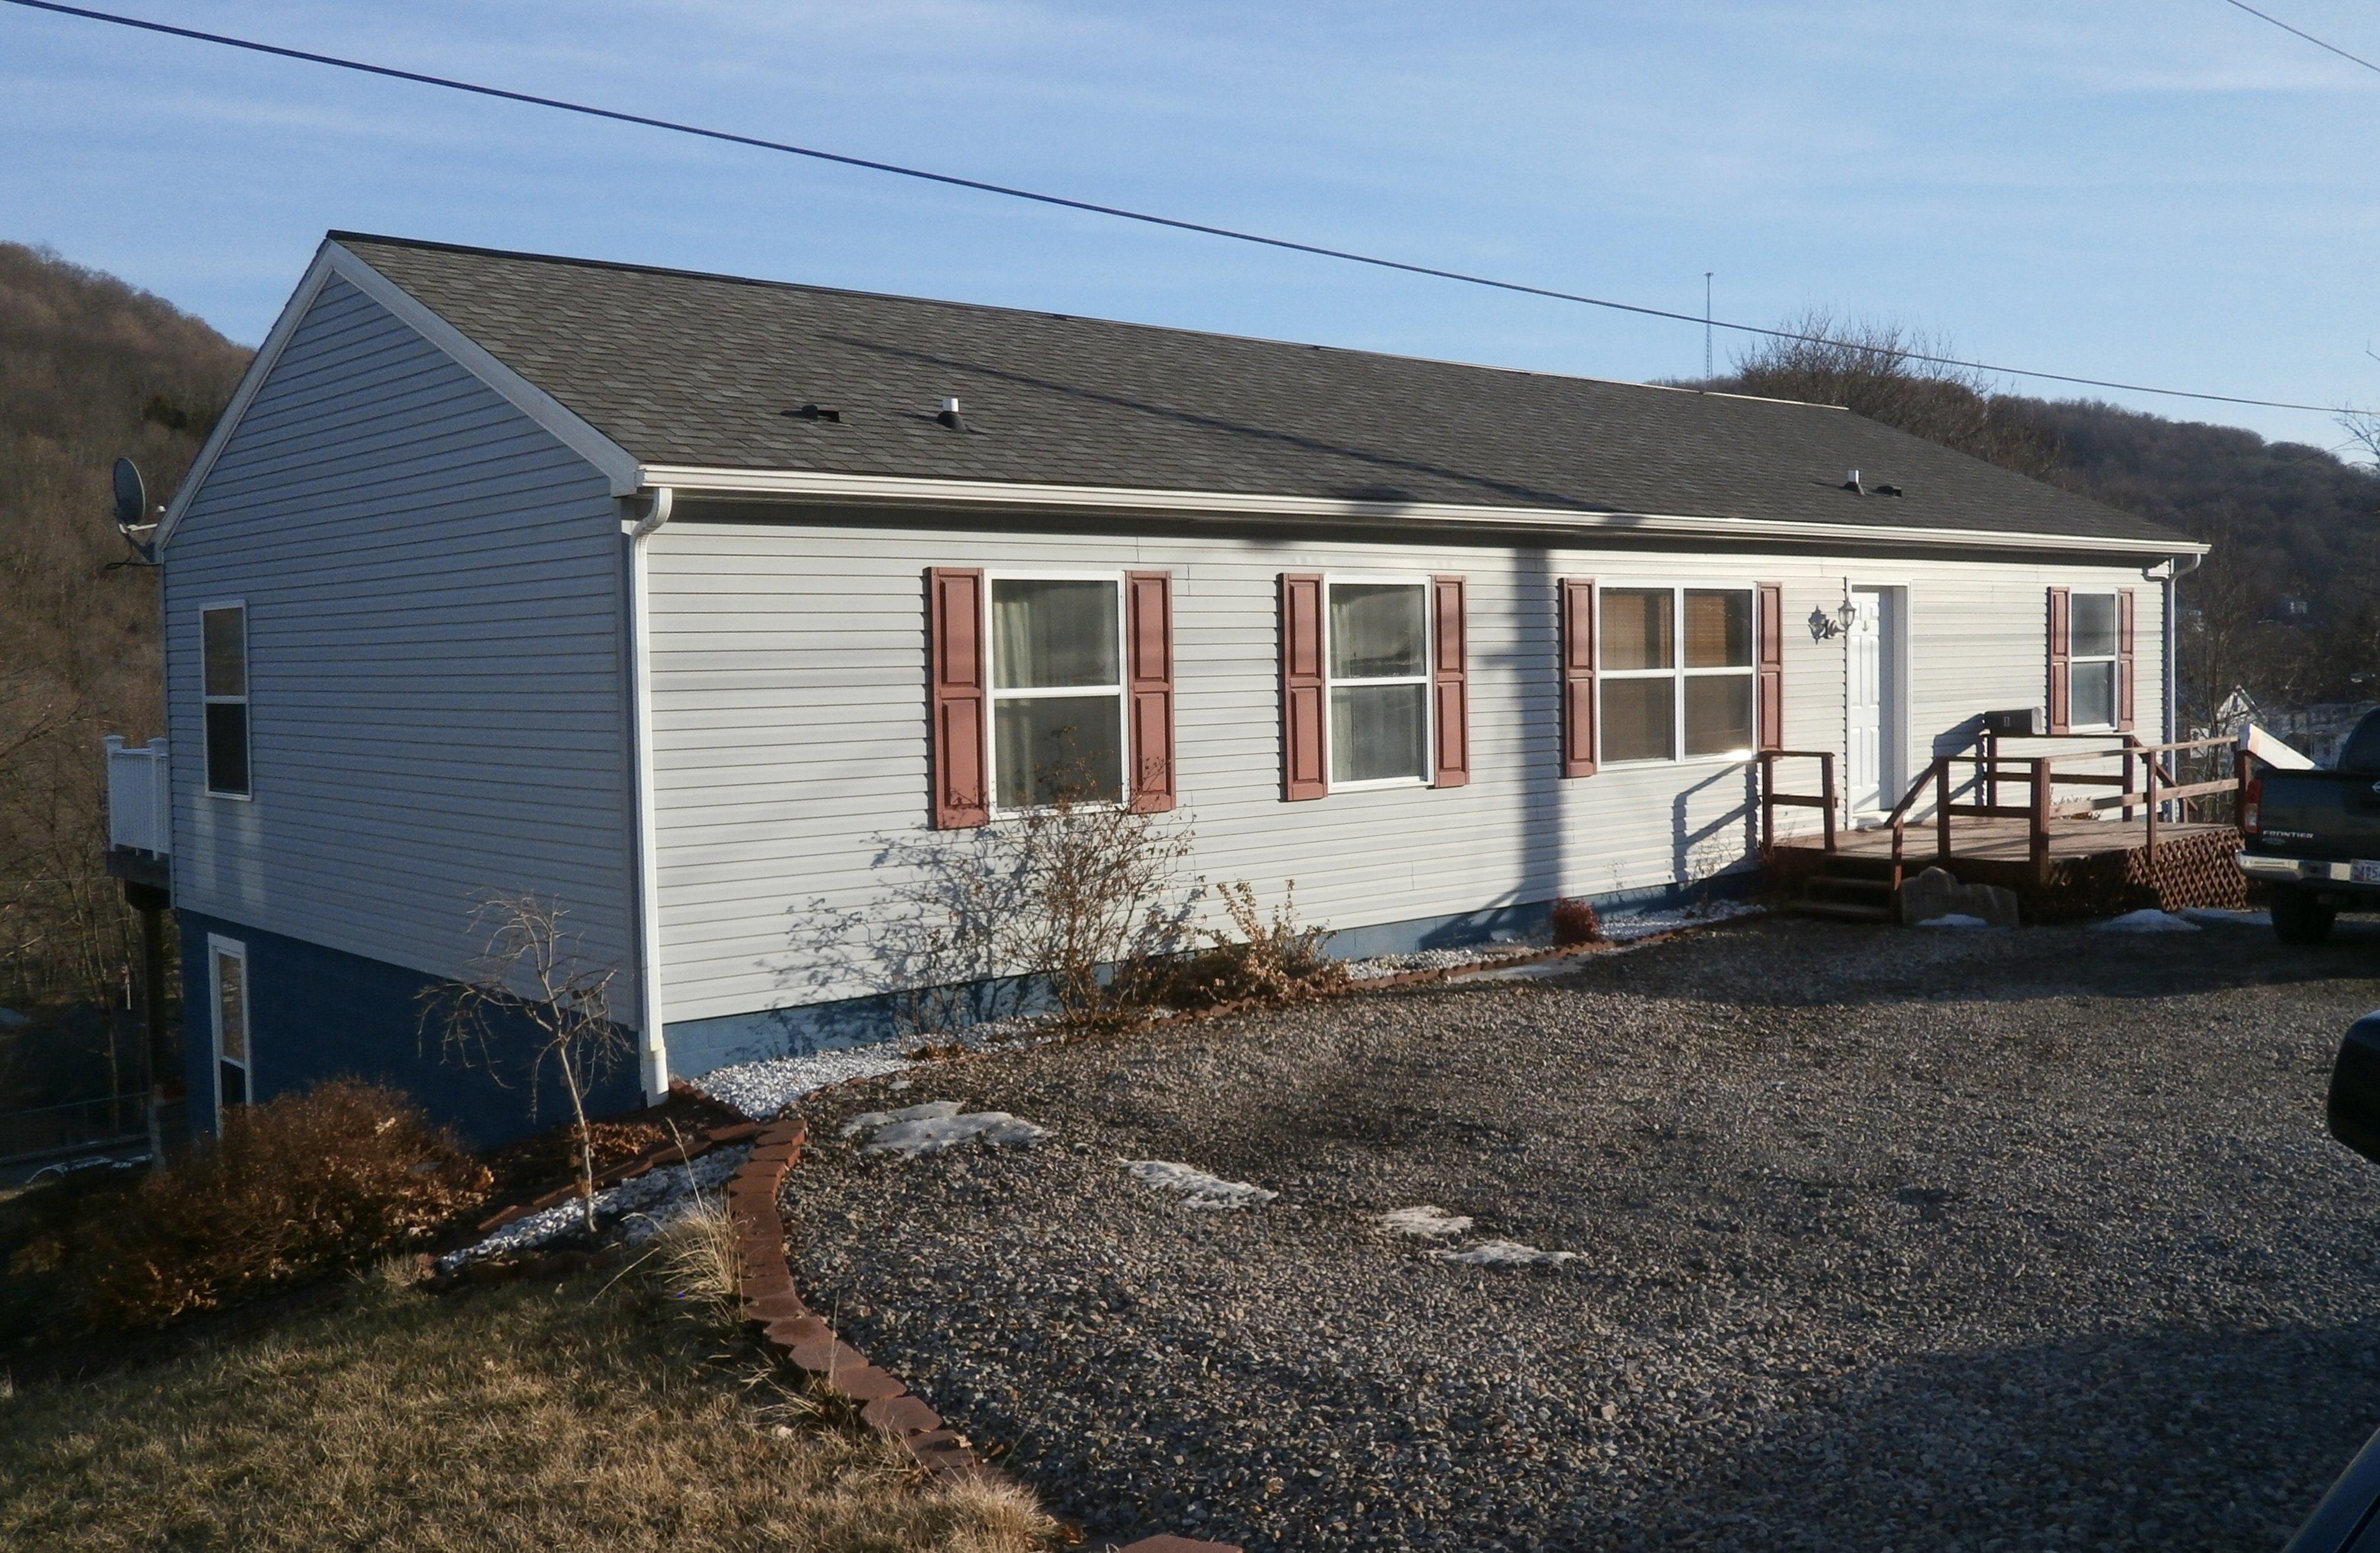 8 Furnace St., Lonaconing, Maryland 21539